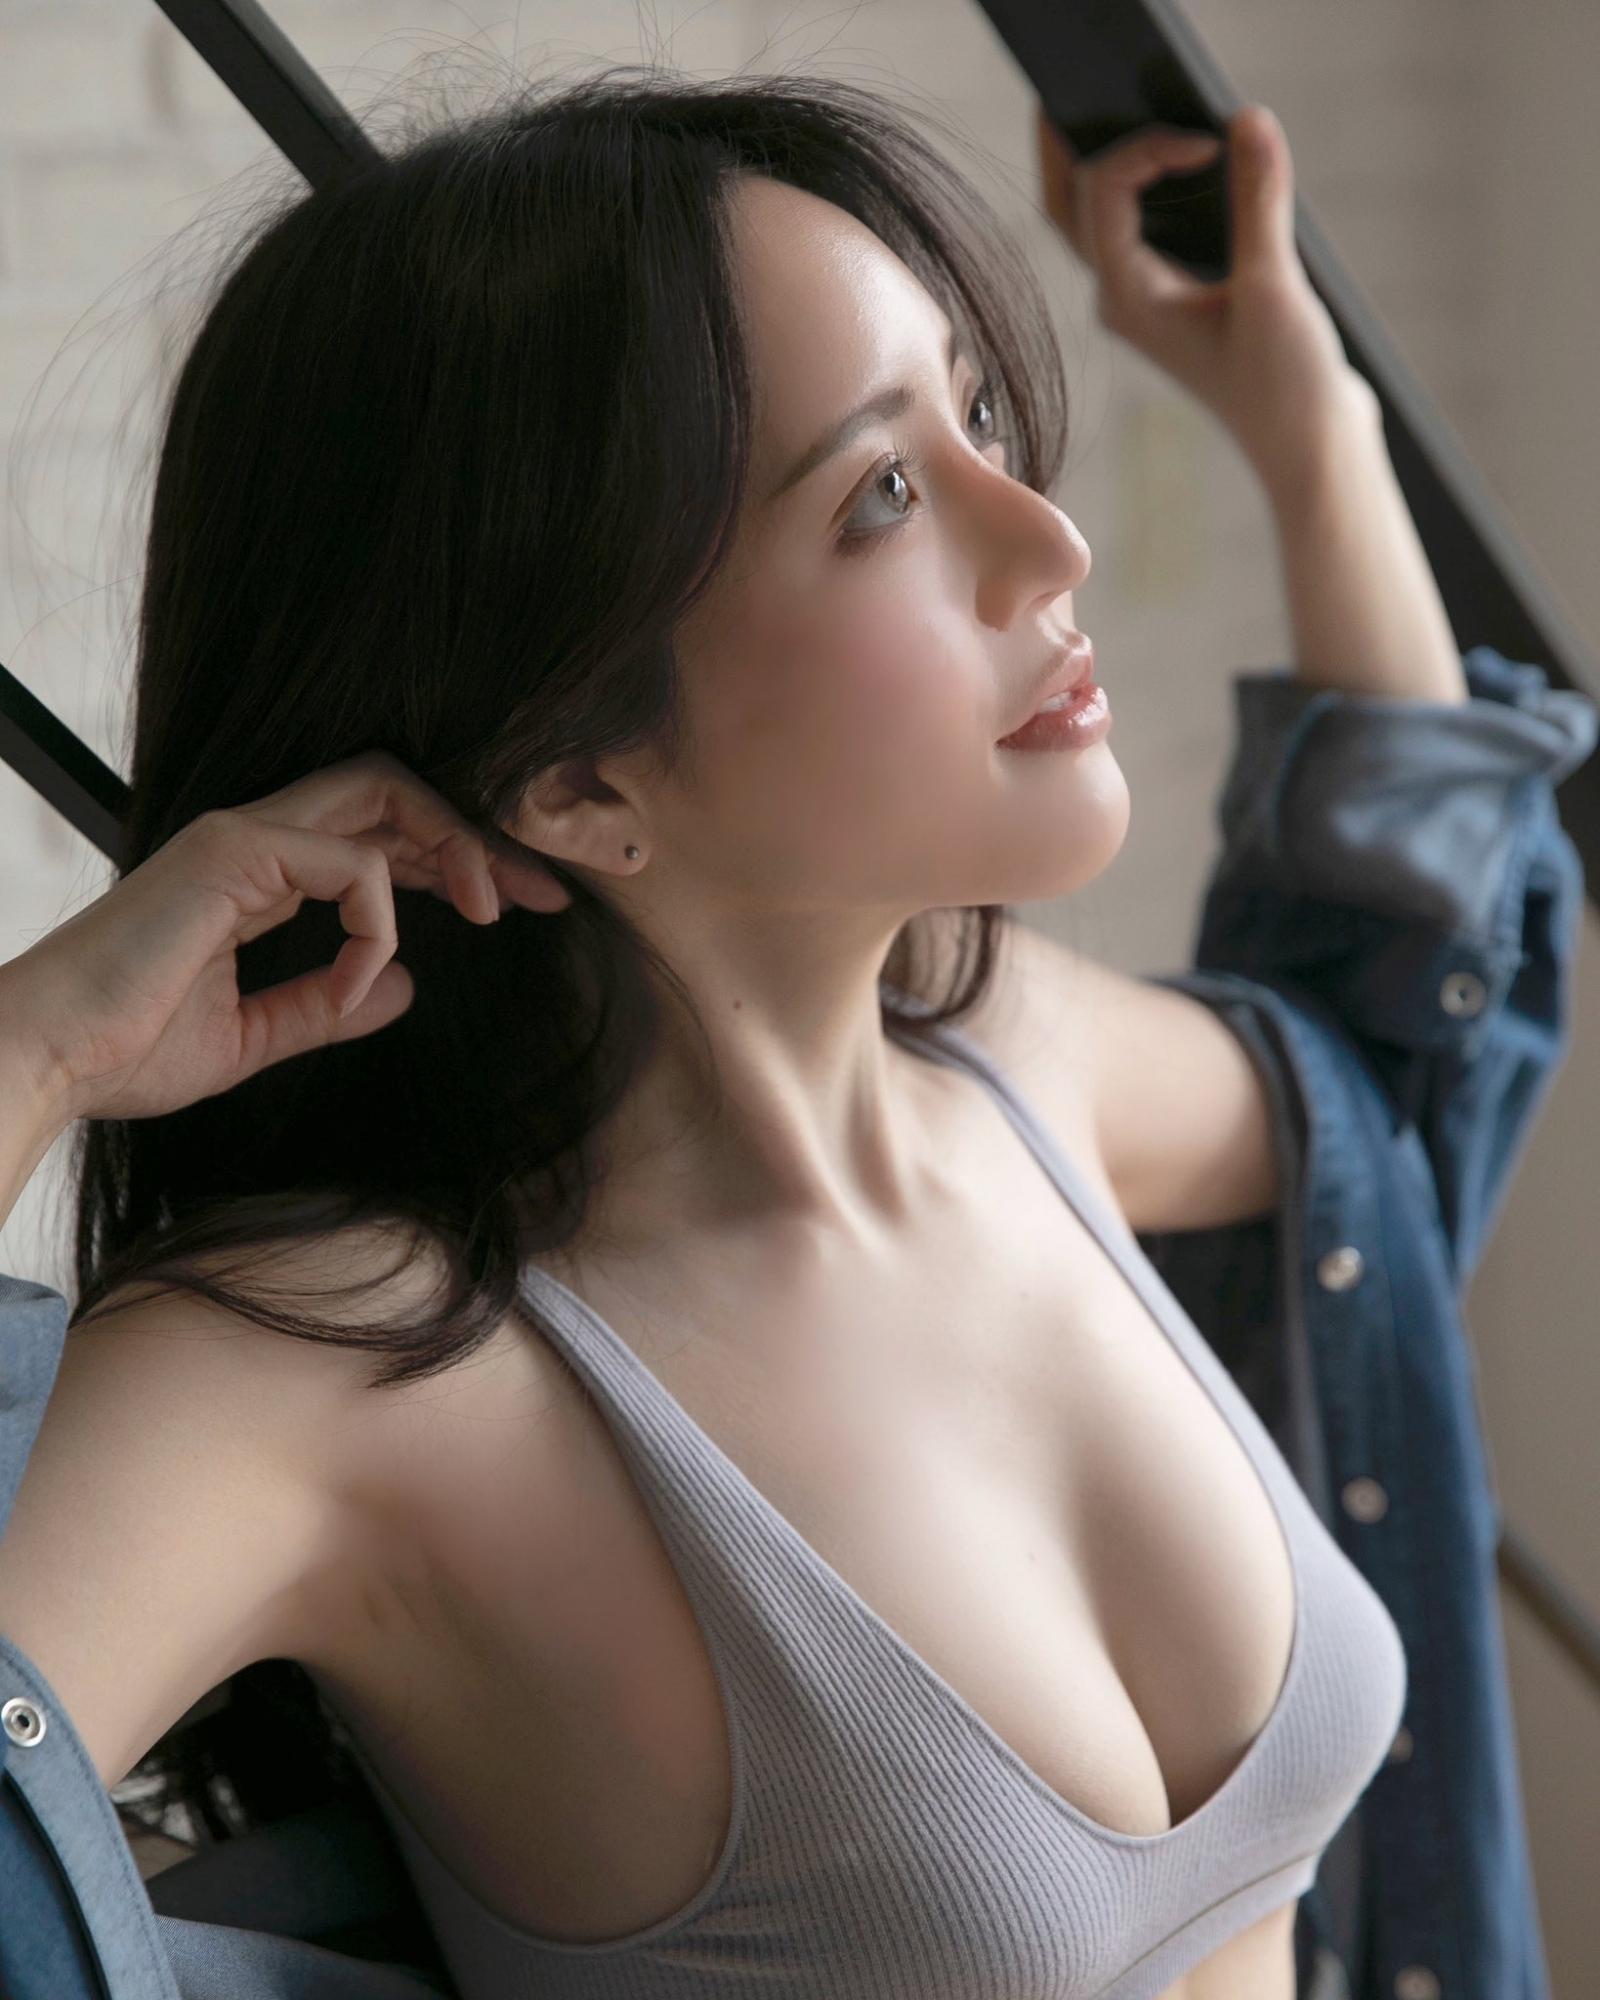 正妹大胃王「谷亚莎子」最新辣照曝光!-新图包